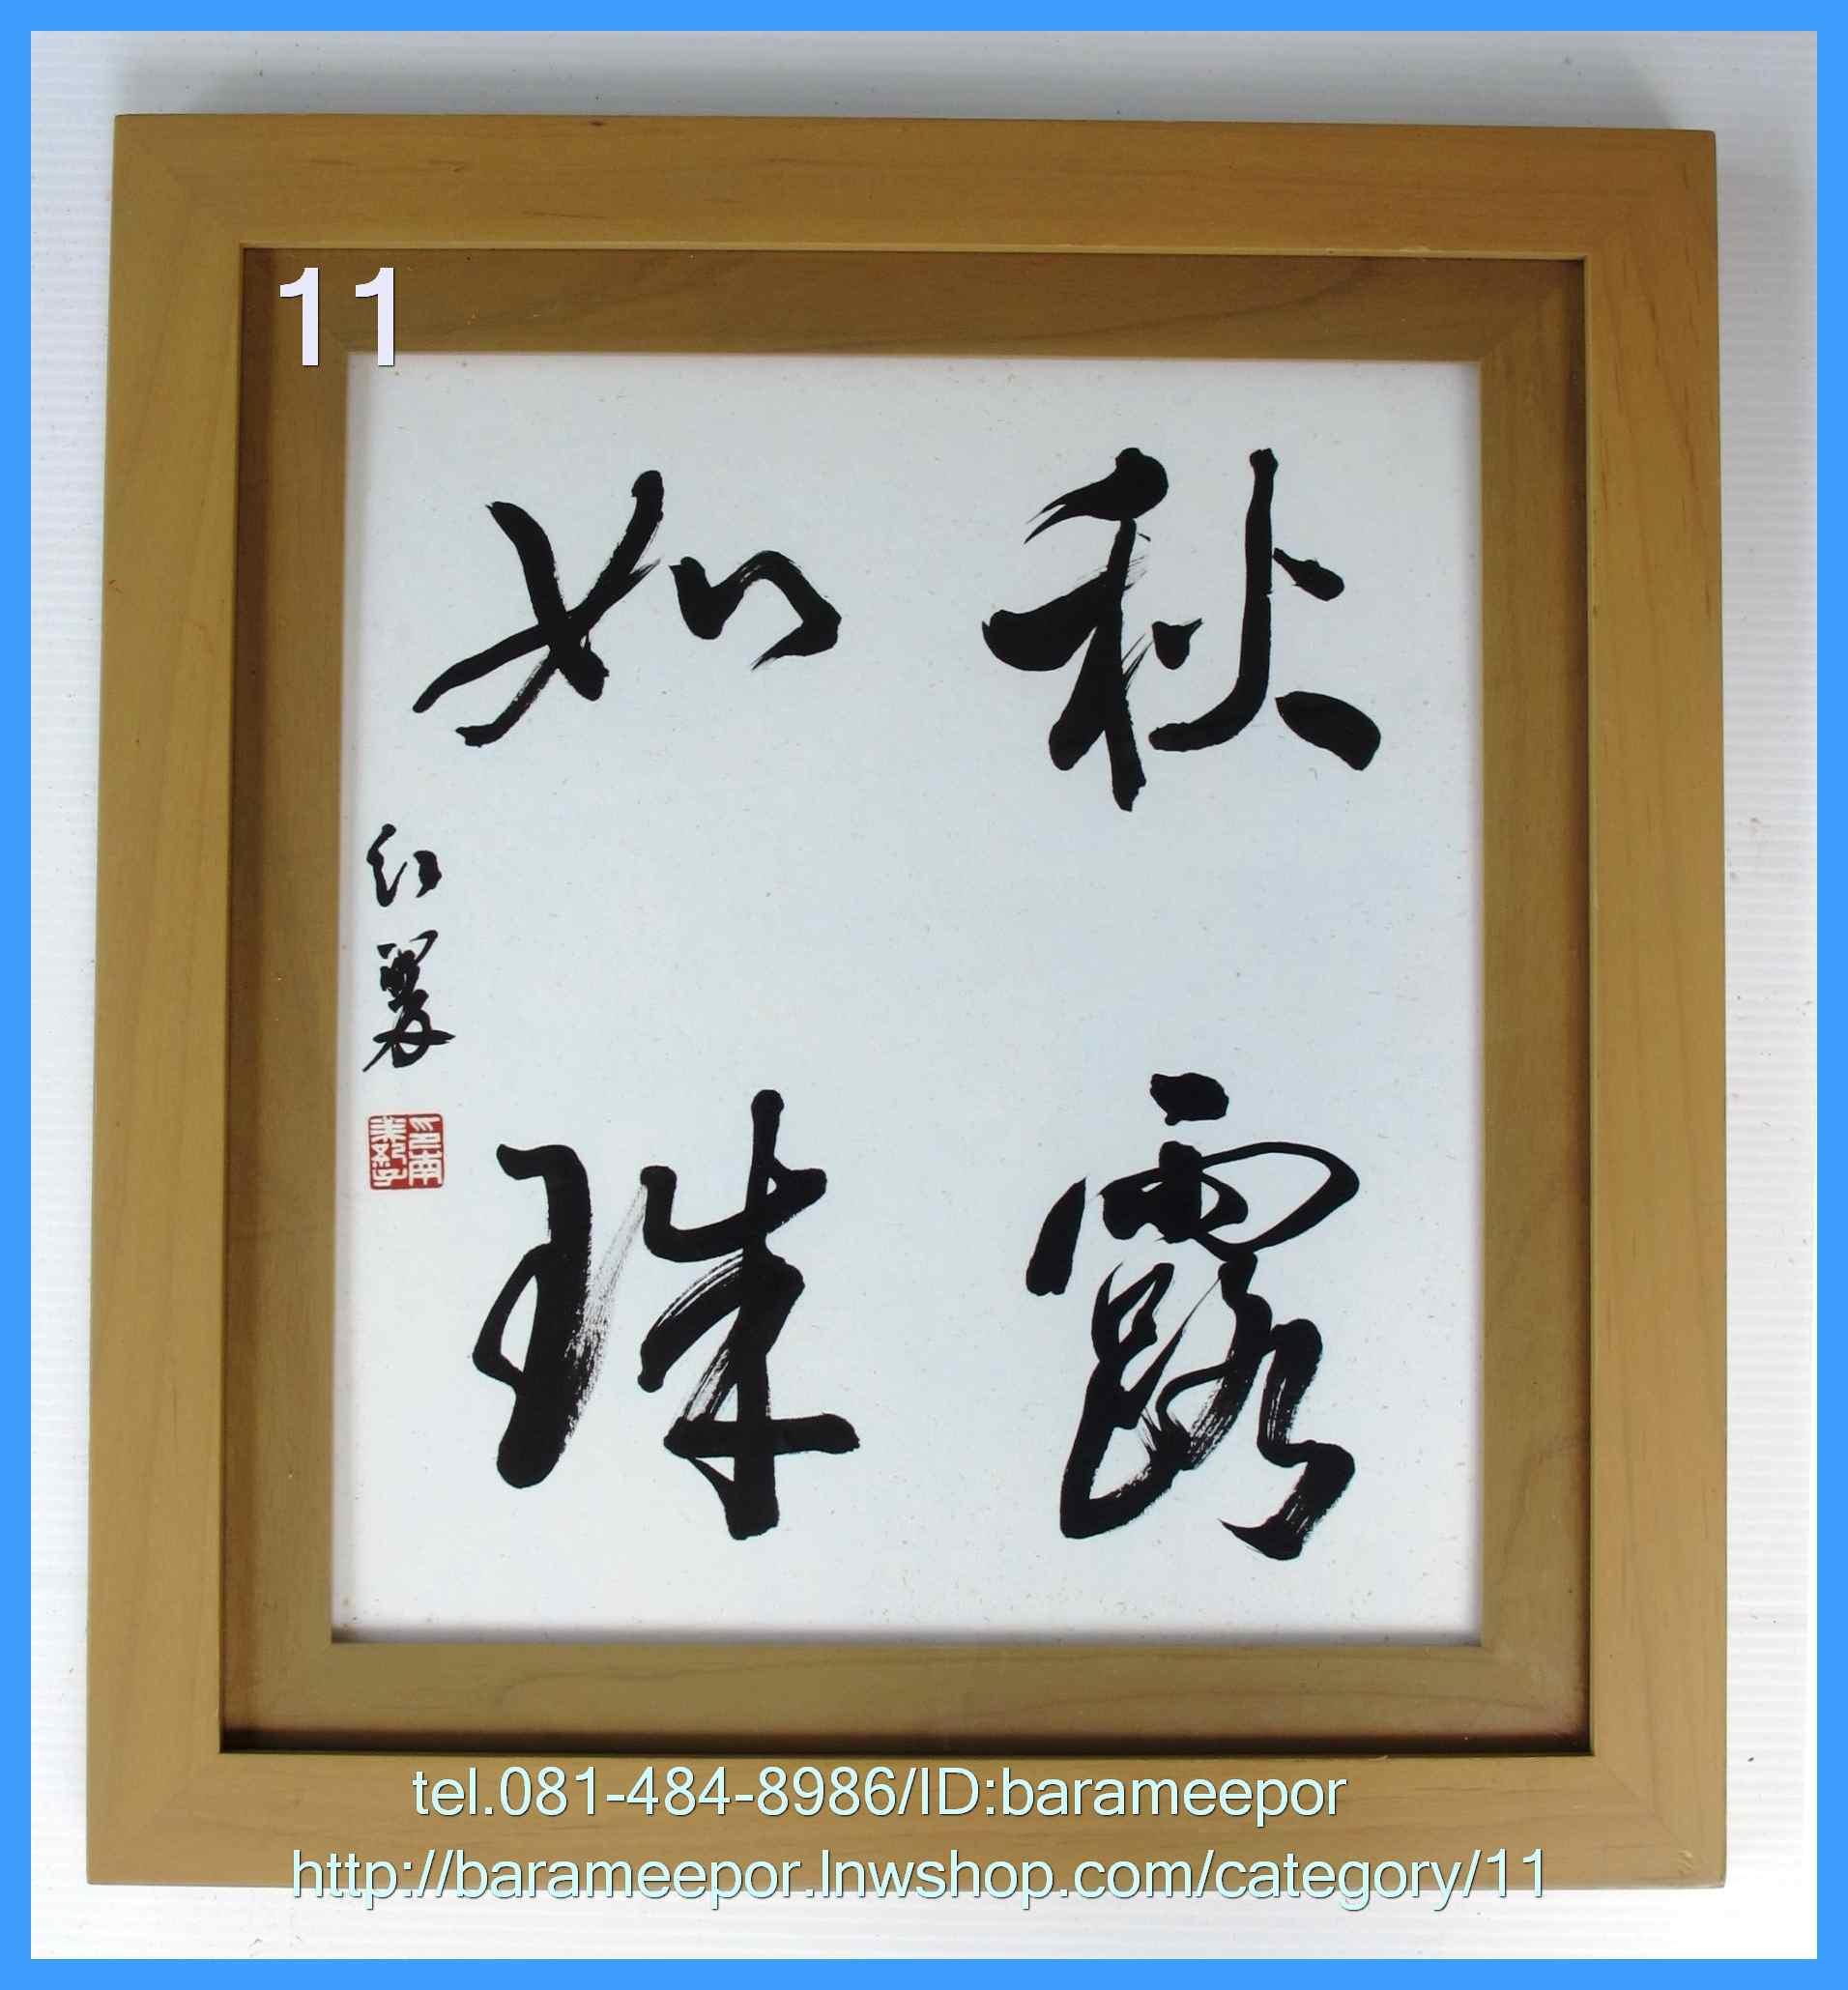 กรอบรูปไม้จริง อักษรมงคล ภาษาญี่ปุ่น ขนาดกรอบนอก 13x14.5 นิ้ว ใส่ภาพขนาด 9x10.5 นิ้ว